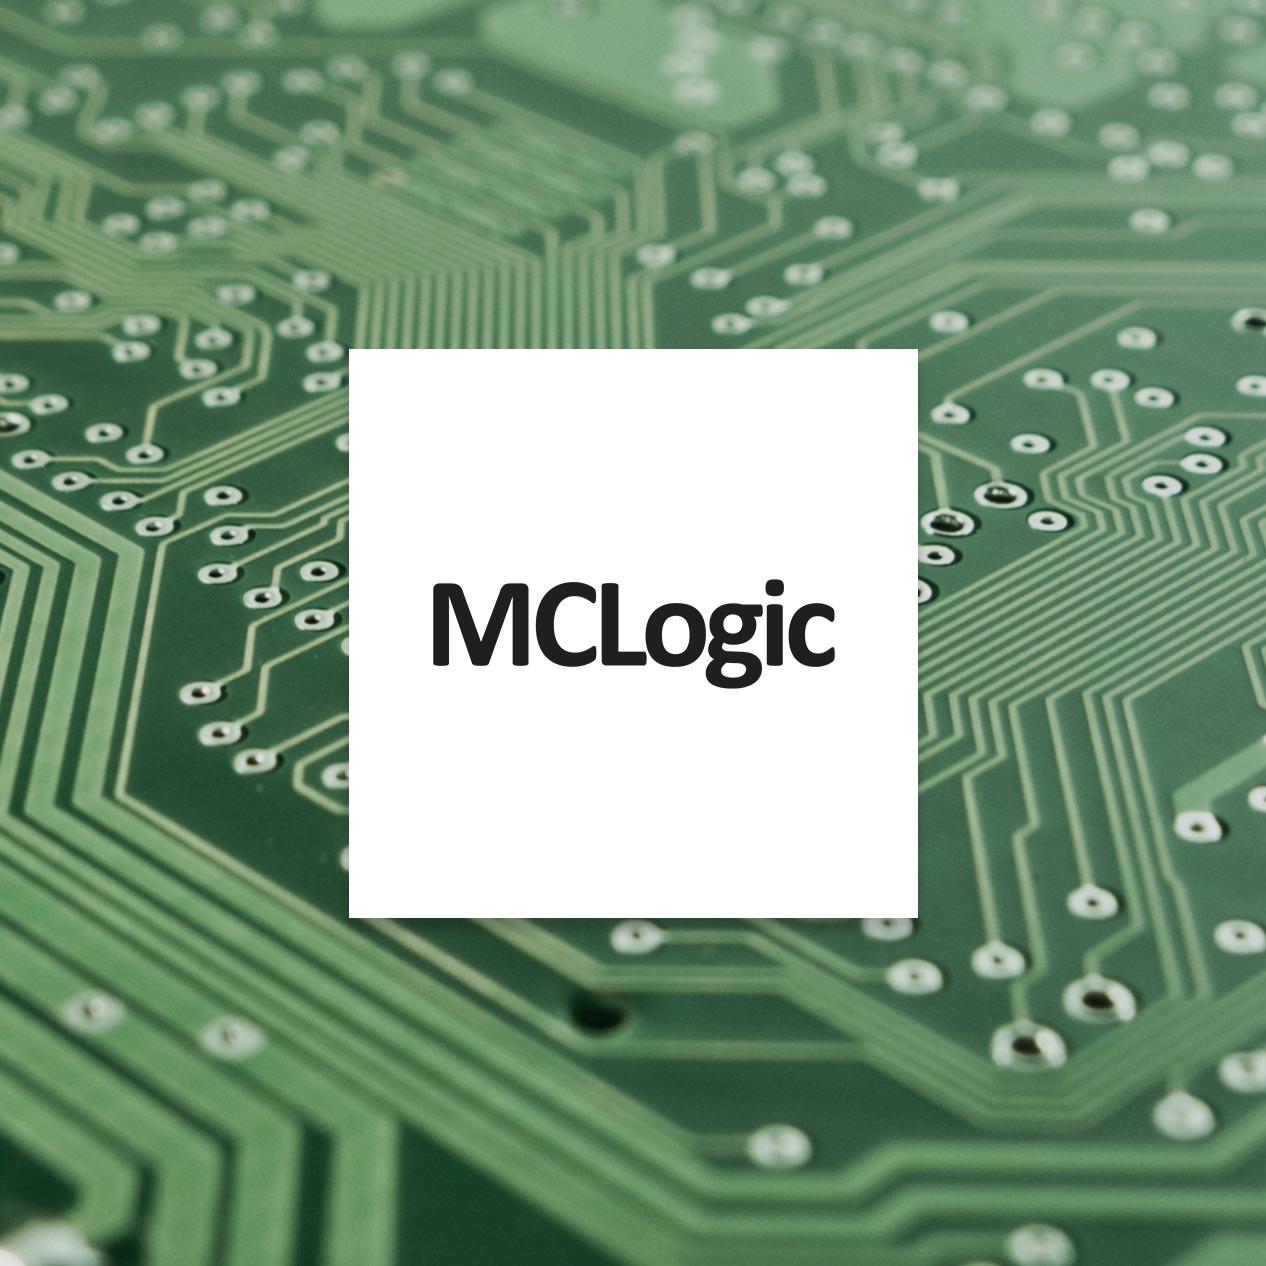 MCLogic